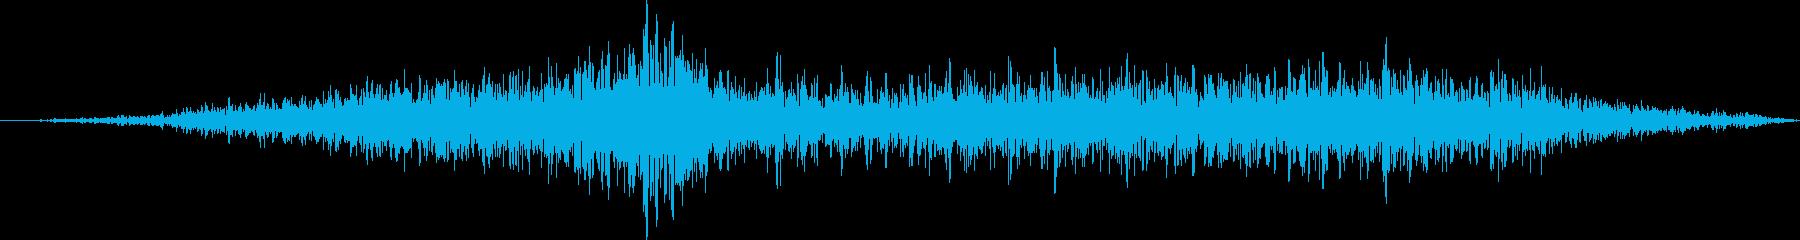 空母:グレイハウンドツイン支柱:内...の再生済みの波形